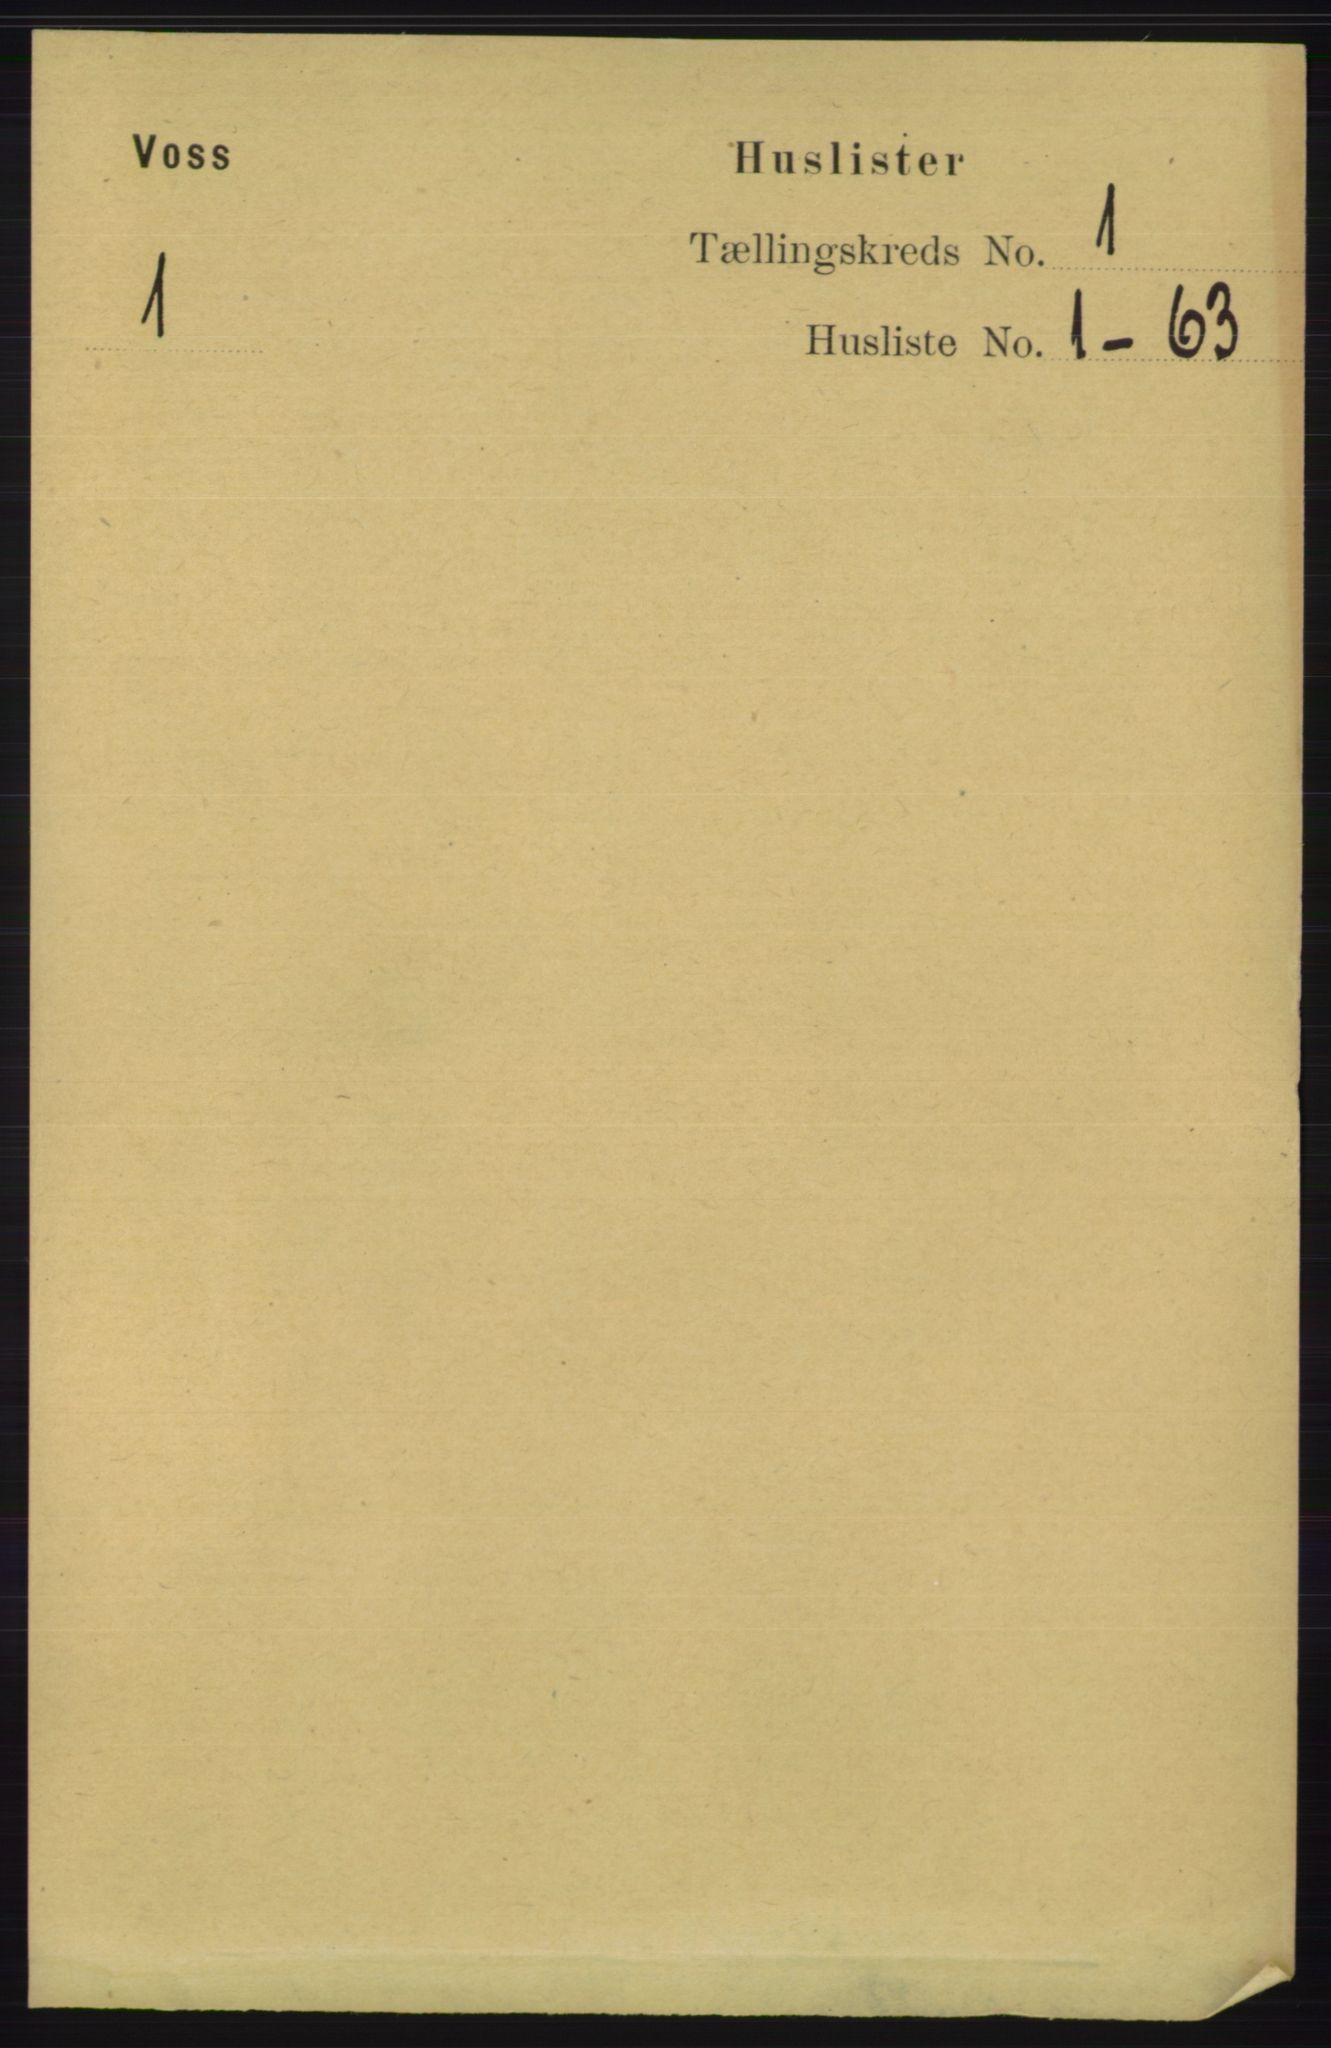 RA, Folketelling 1891 for 1235 Voss herred, 1891, s. 39